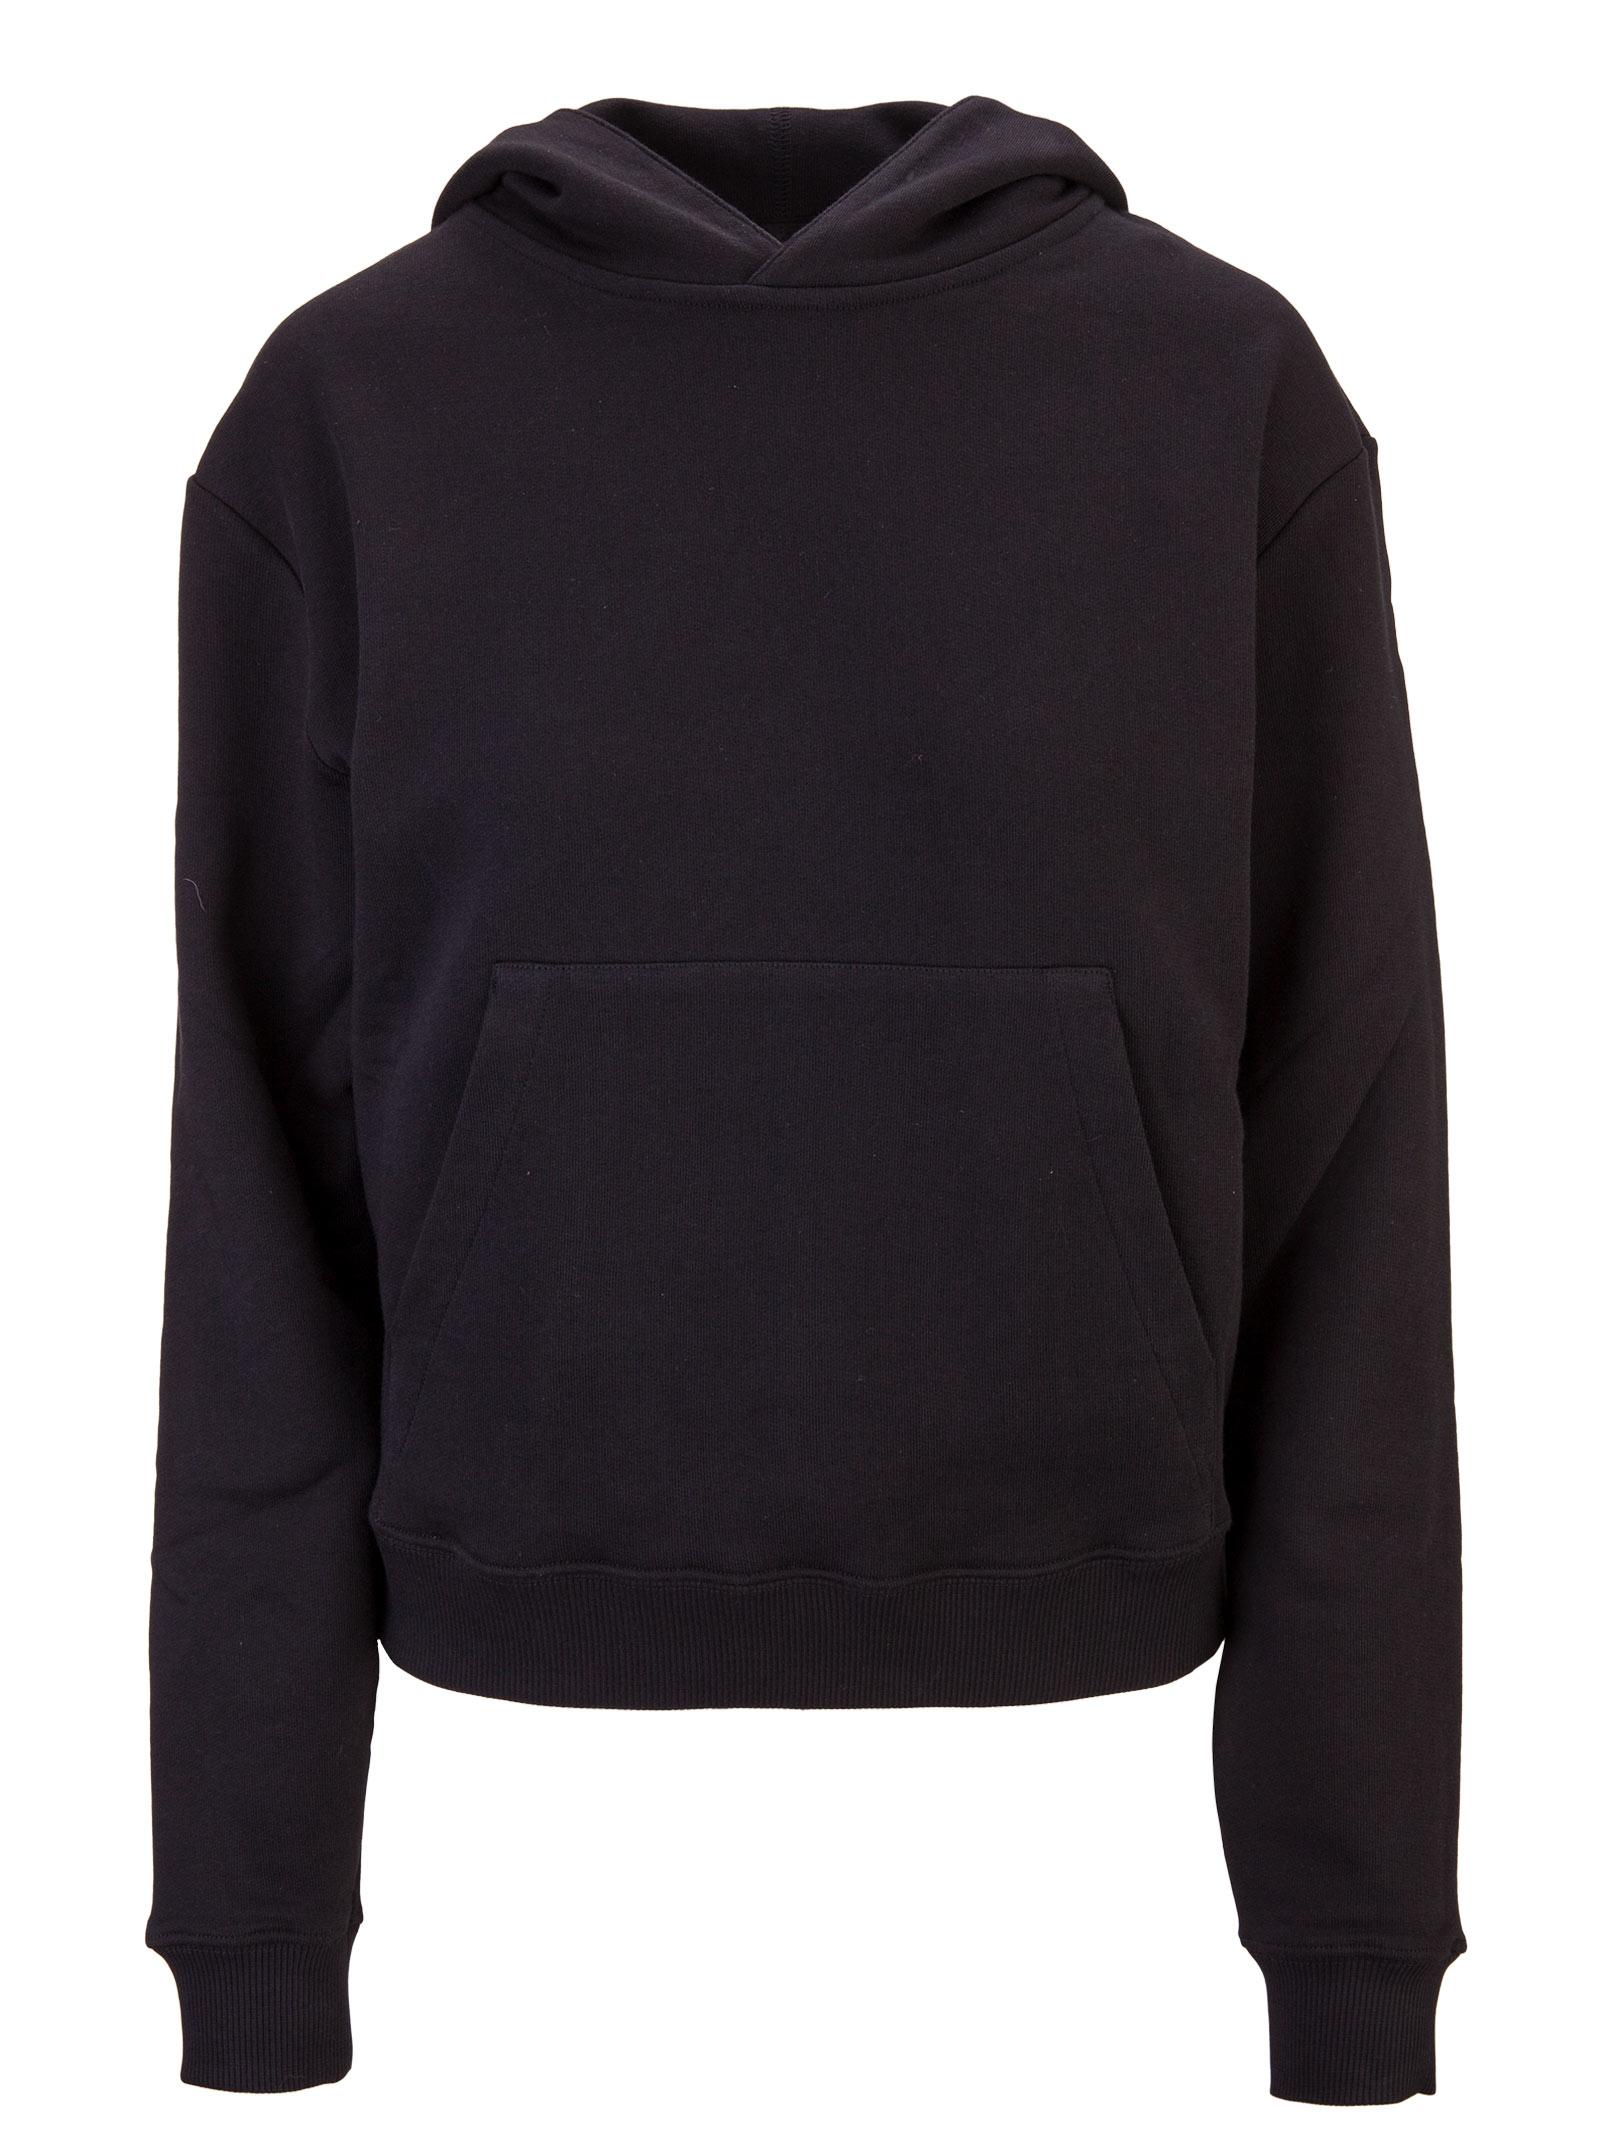 Saint Laurent sweatshirt